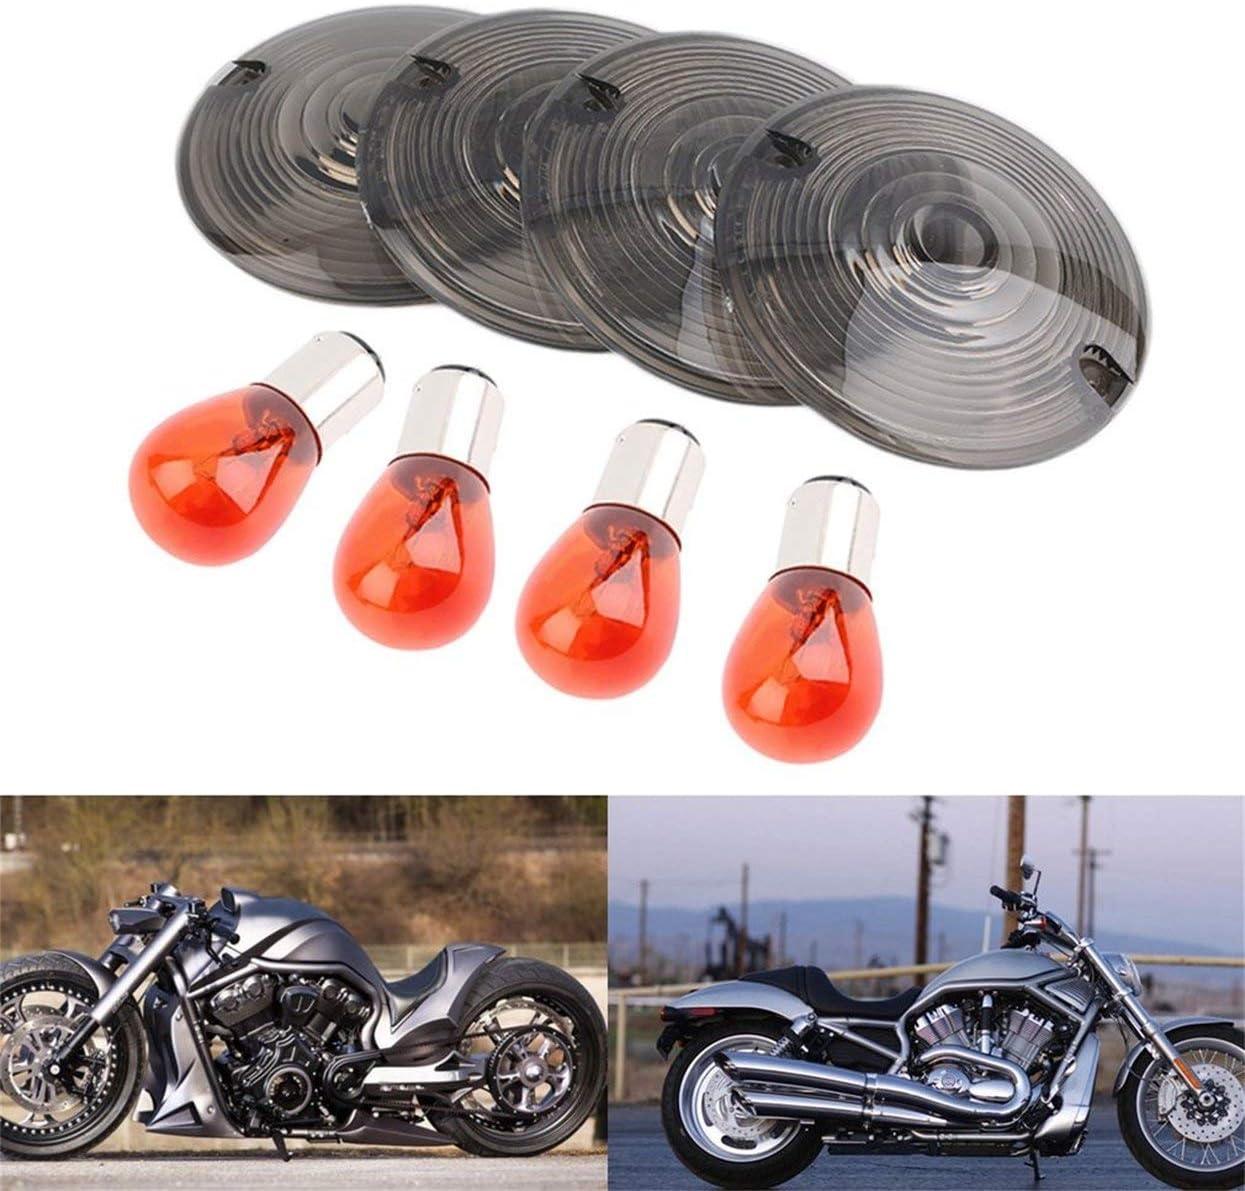 Tree-on-Life 4pcs Fum/ée Clignotant Couvercle De Lentille /& Ampoule Compatible pour Harley Touring Road King